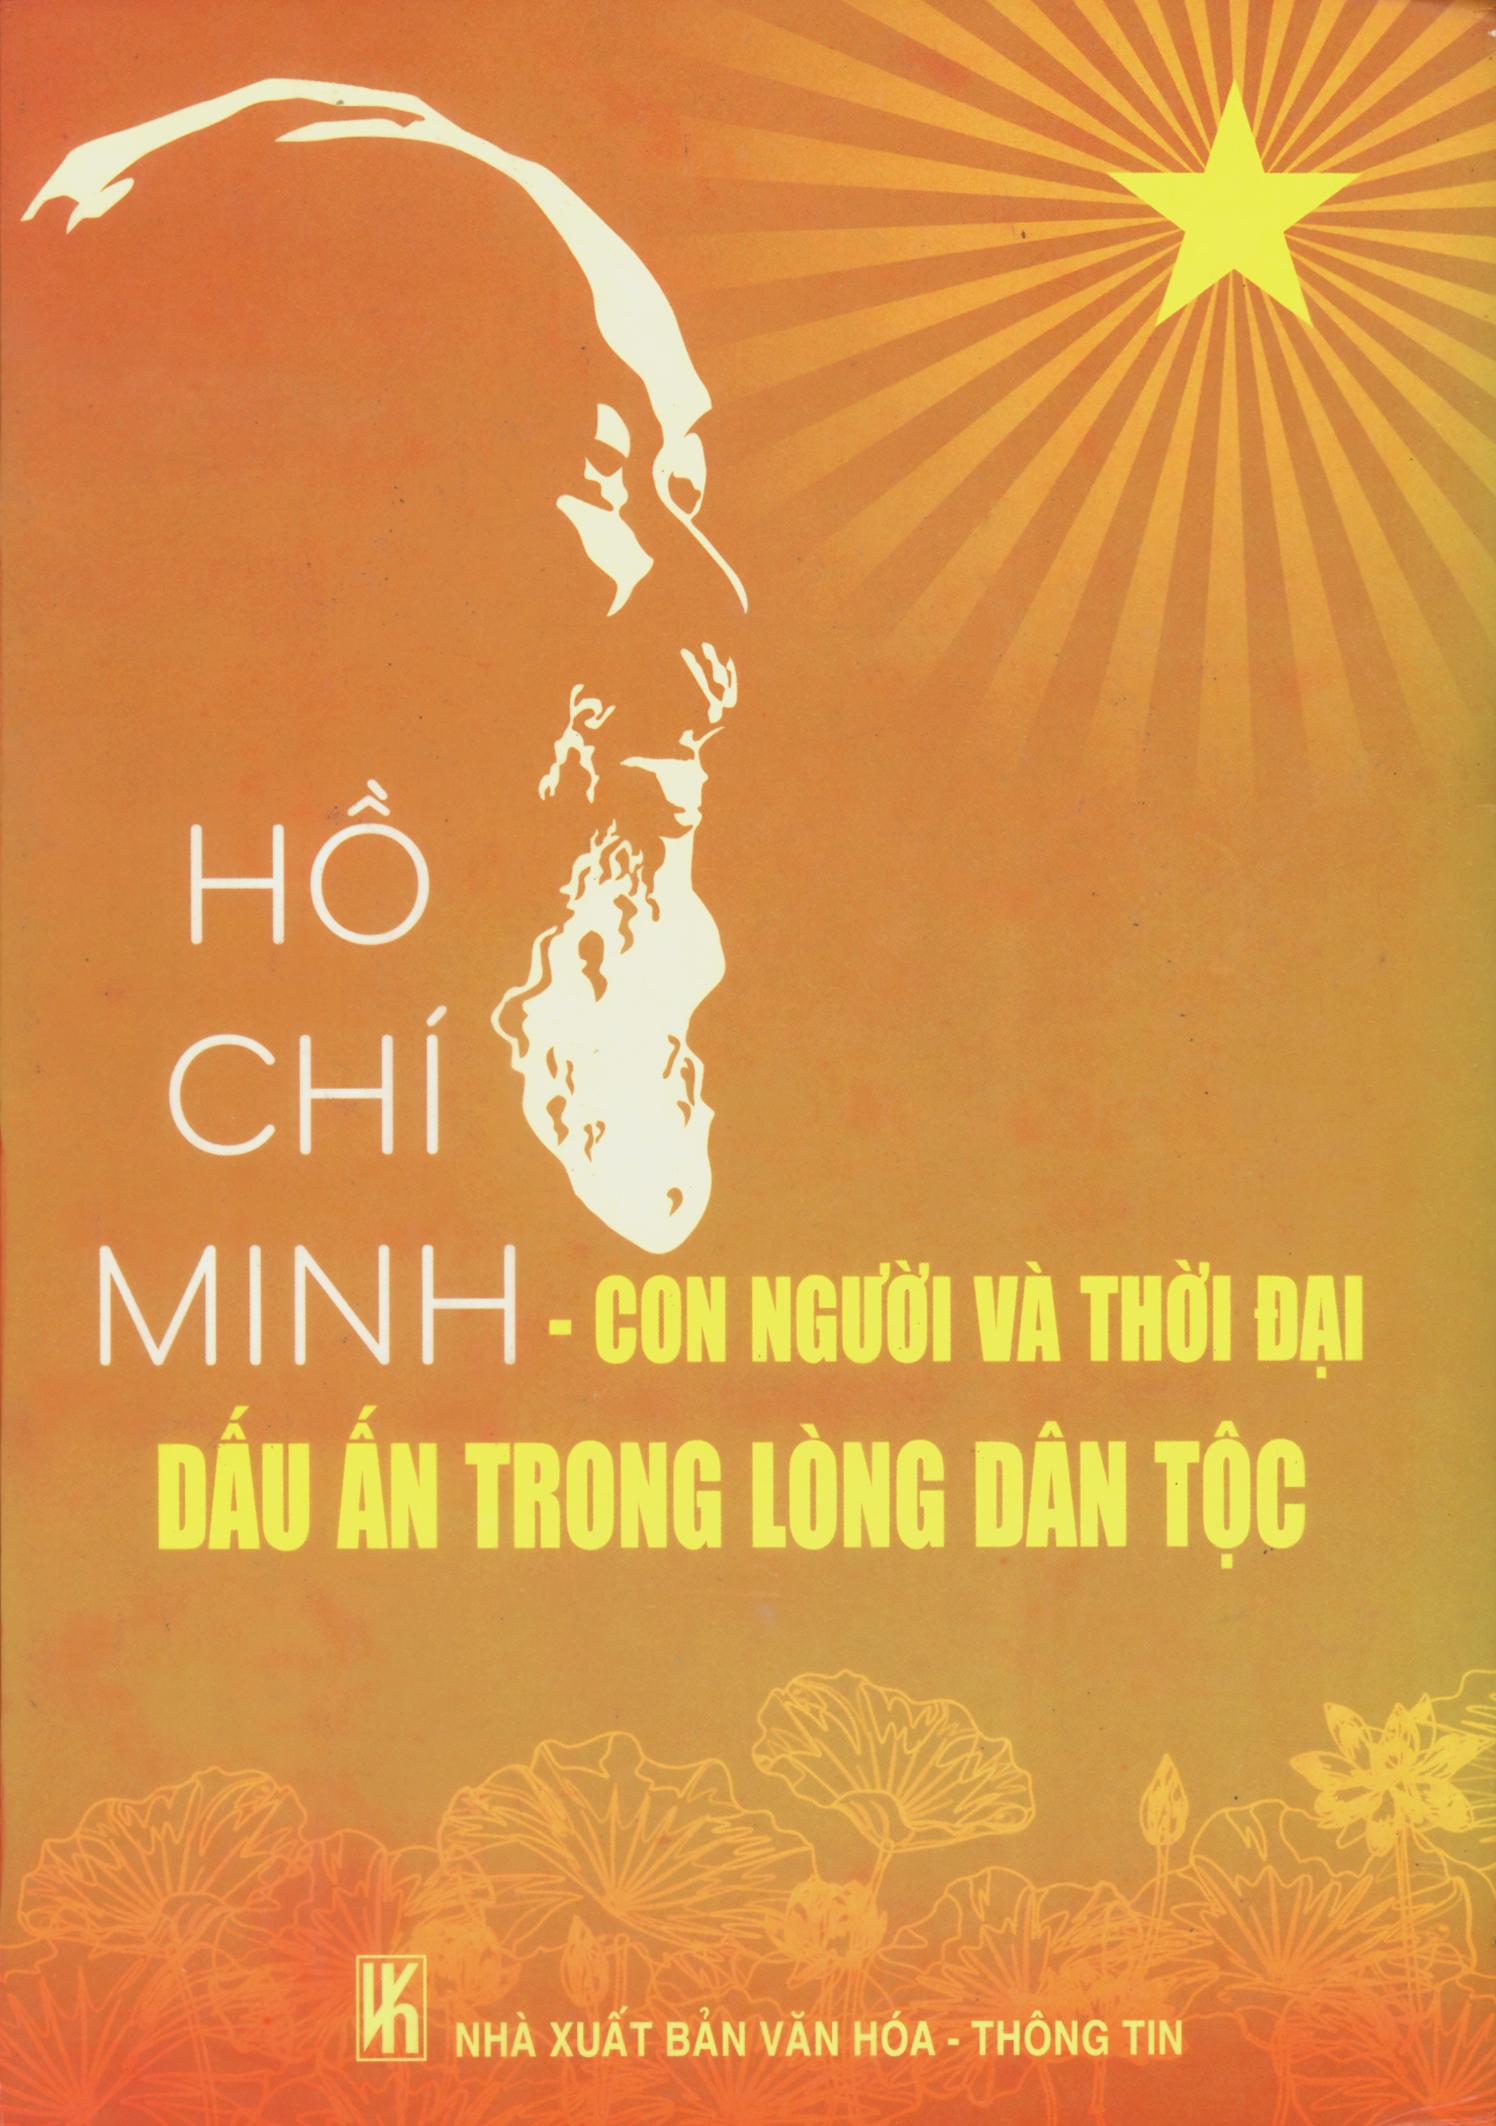 Hồ Chí Minh con người và thời đại, dấu ấn trong lòng dân tộc